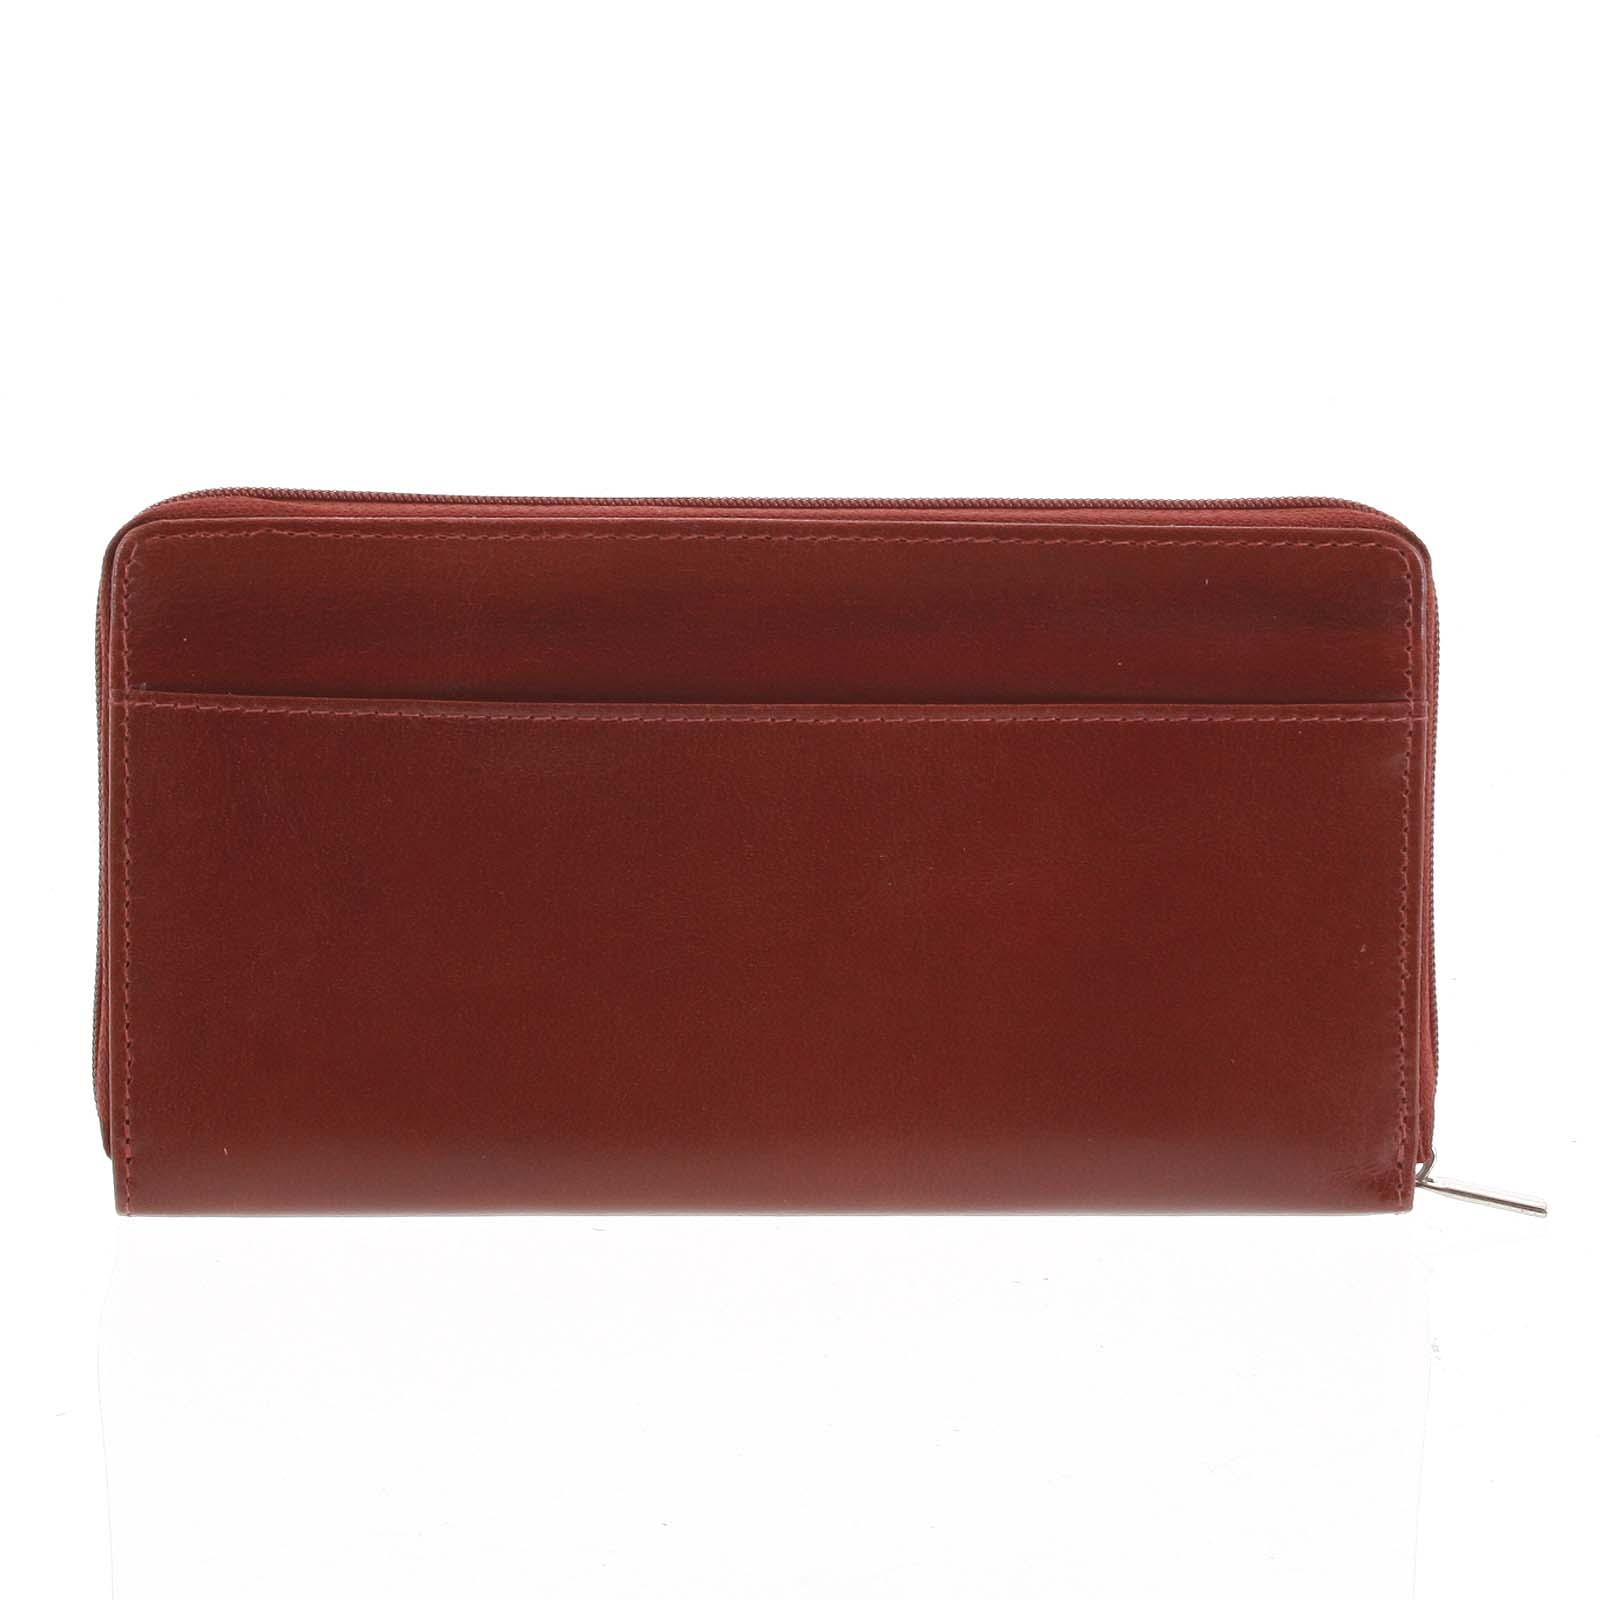 Dámska kožená peňaženka tmavočervená - Tomas Imvilophu